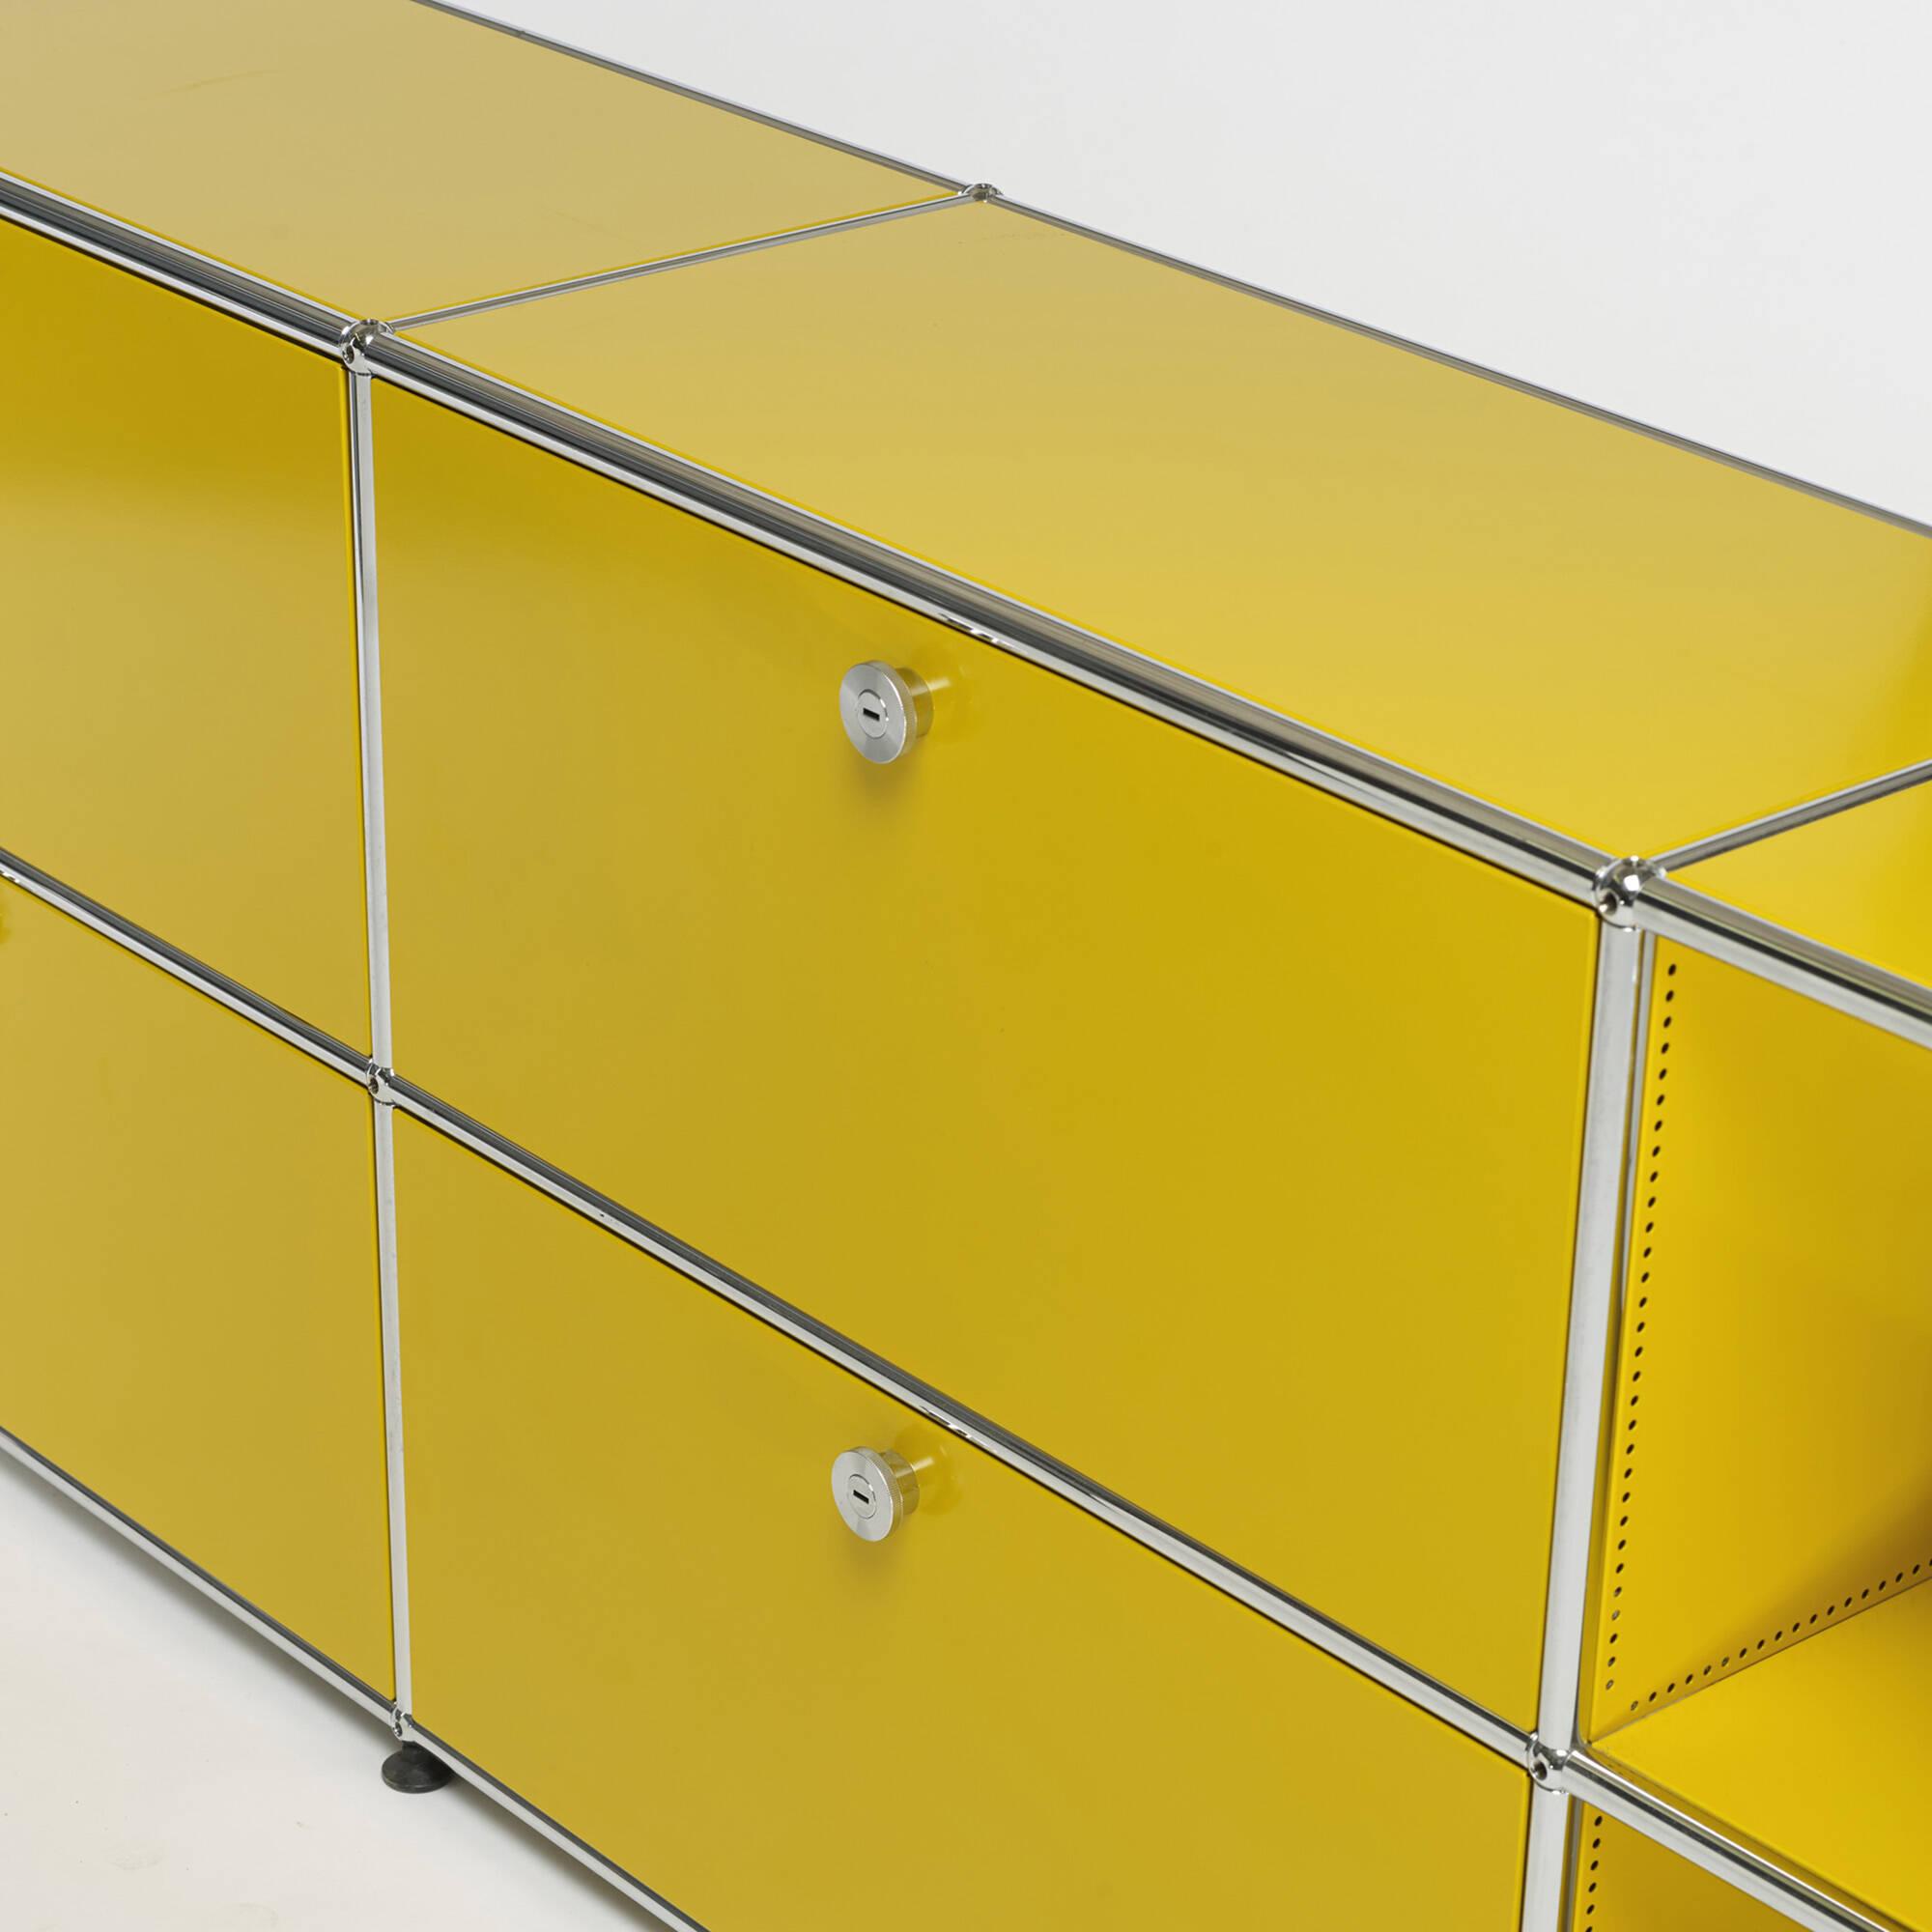 ... 265: Fritz Haller And Paul Schärer / USM Haller Furniture System  Cabinet (2 Of